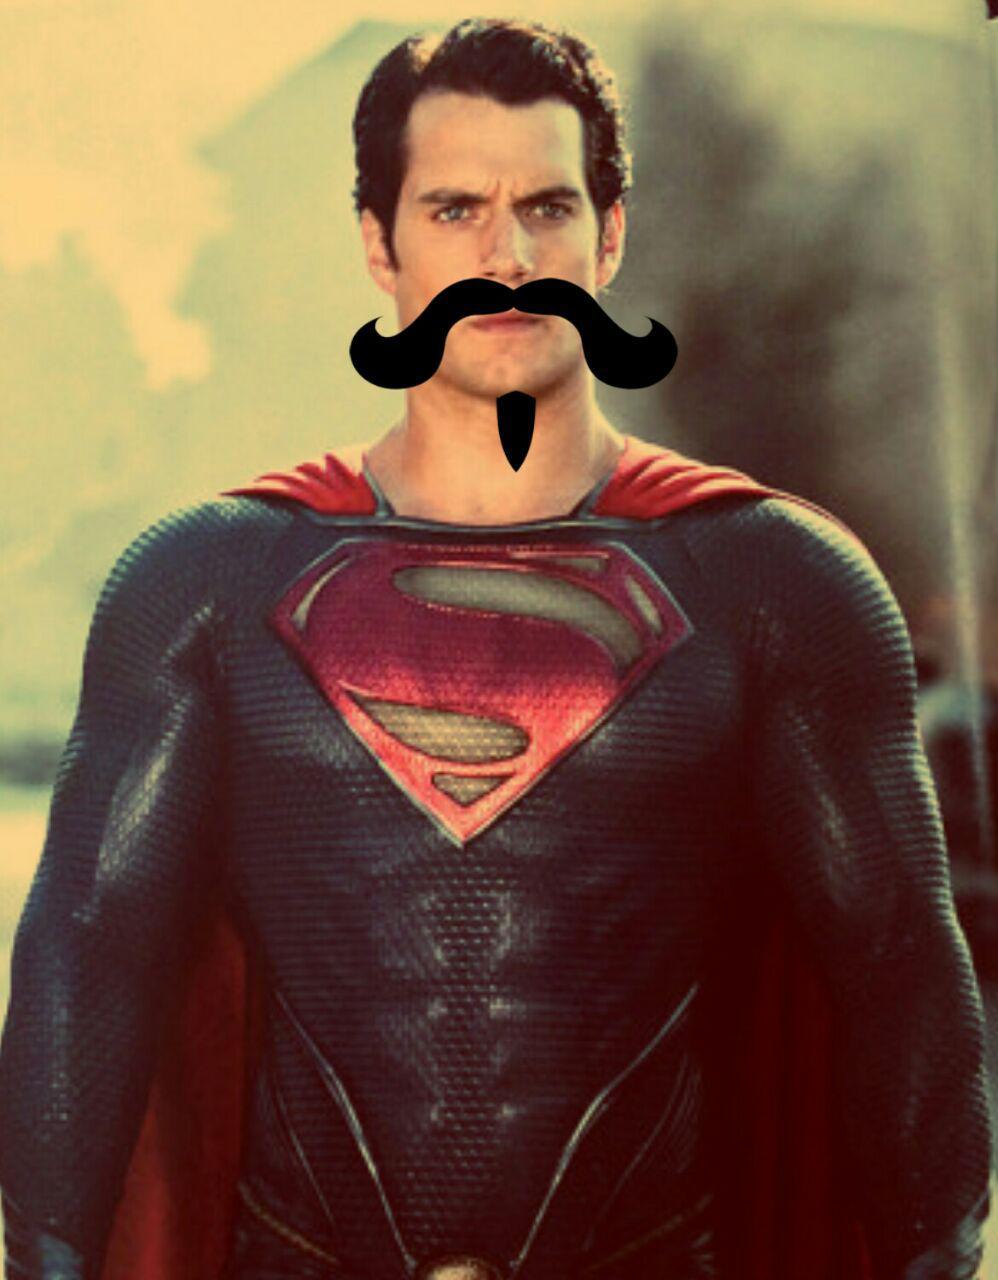 Ator que interpreta Homem de Aço na Liga da Jsutiça terá que permanecer com bigode nas regravações que serão feitas devido a um outro contrato para um longa.